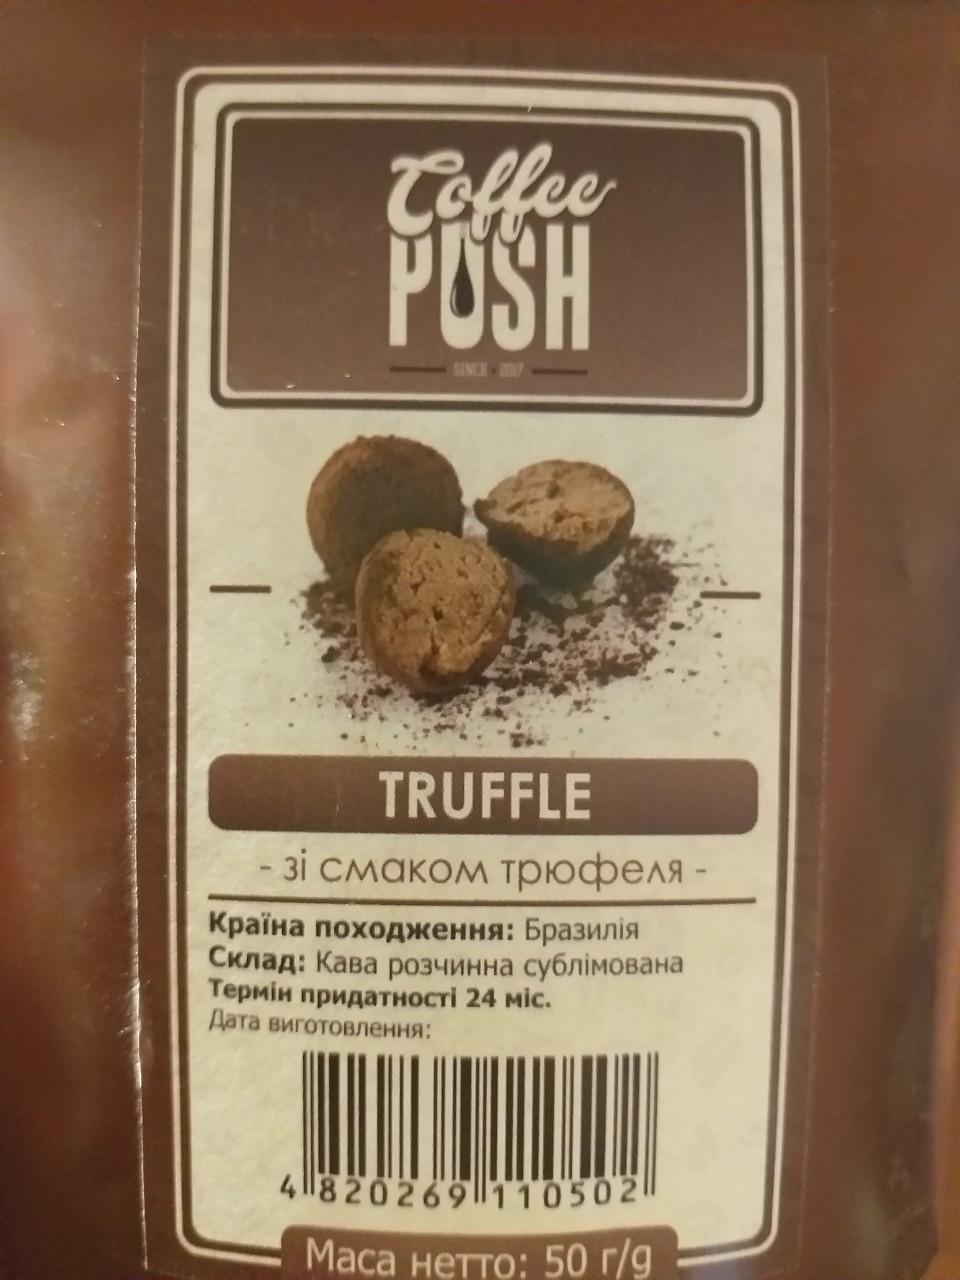 Кофе PUSN 100% ARABICA  вкус  ТРЮФЕЛЯ БРАЗИЛИЯ 50 грамм